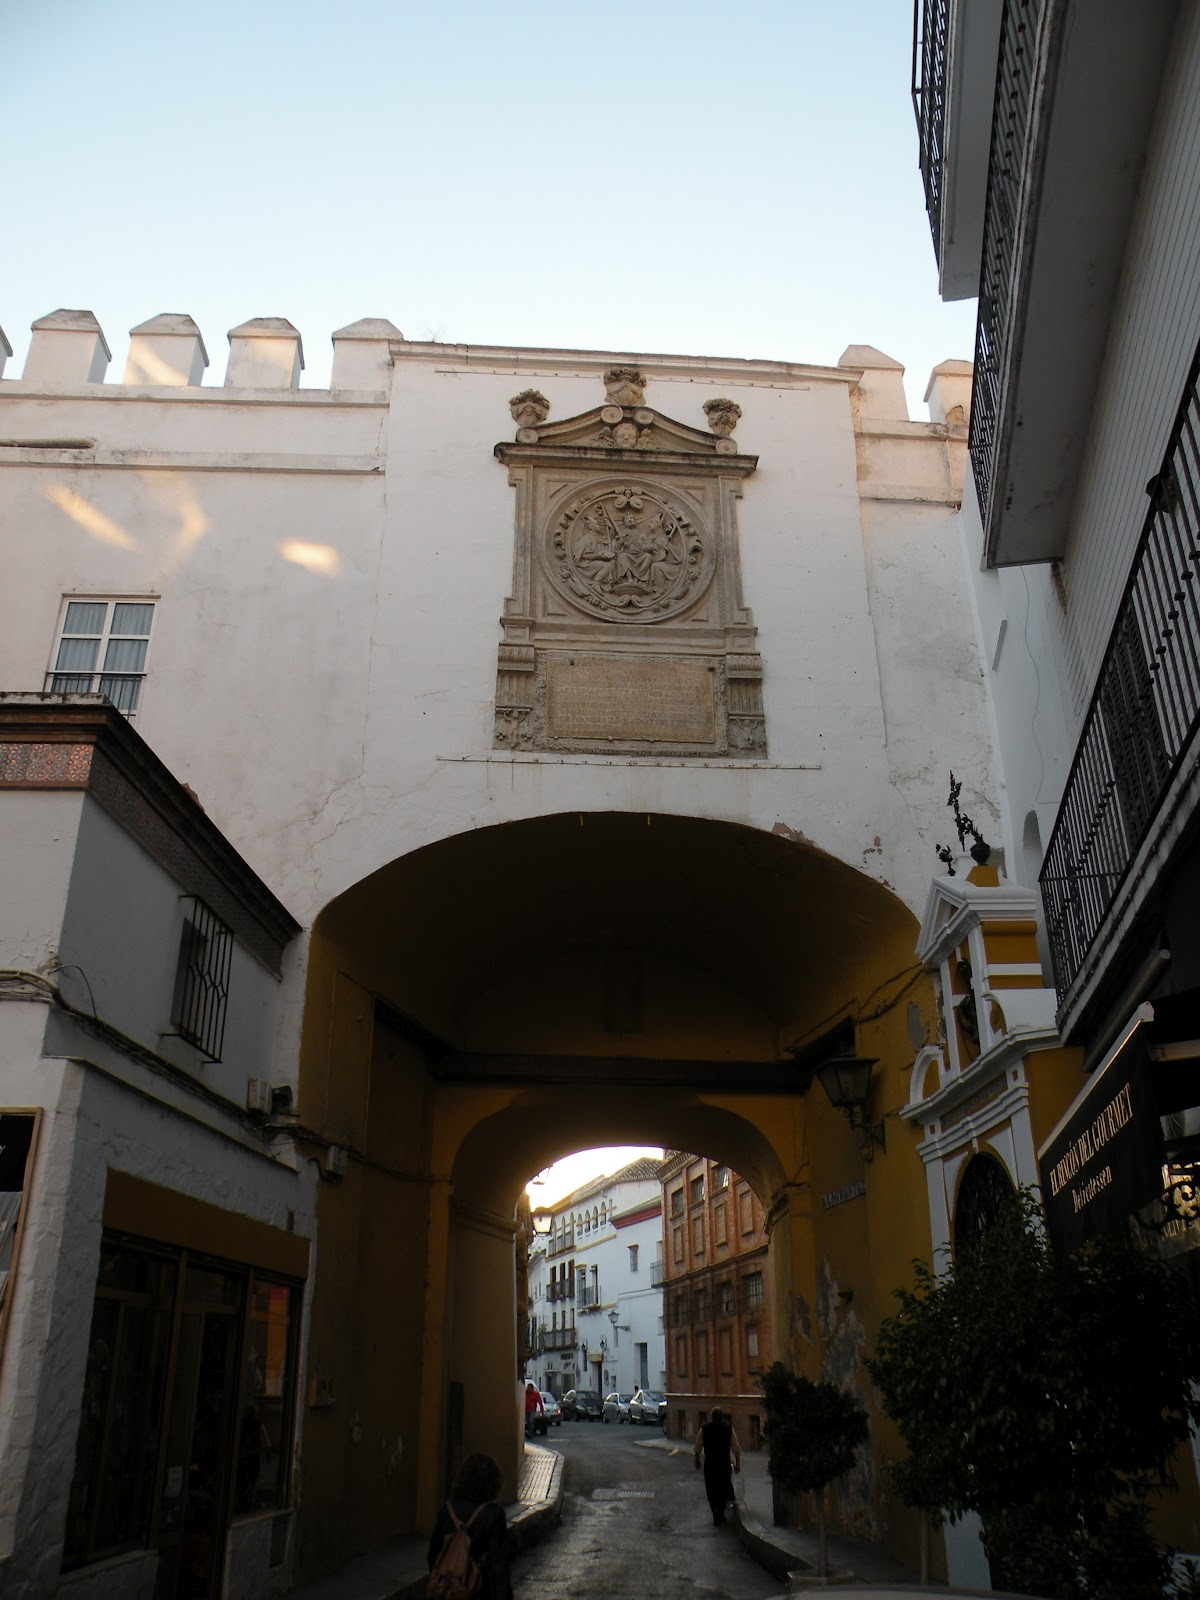 Tardes en sevilla puertas de sevilla i - Puertas uniarte sevilla ...